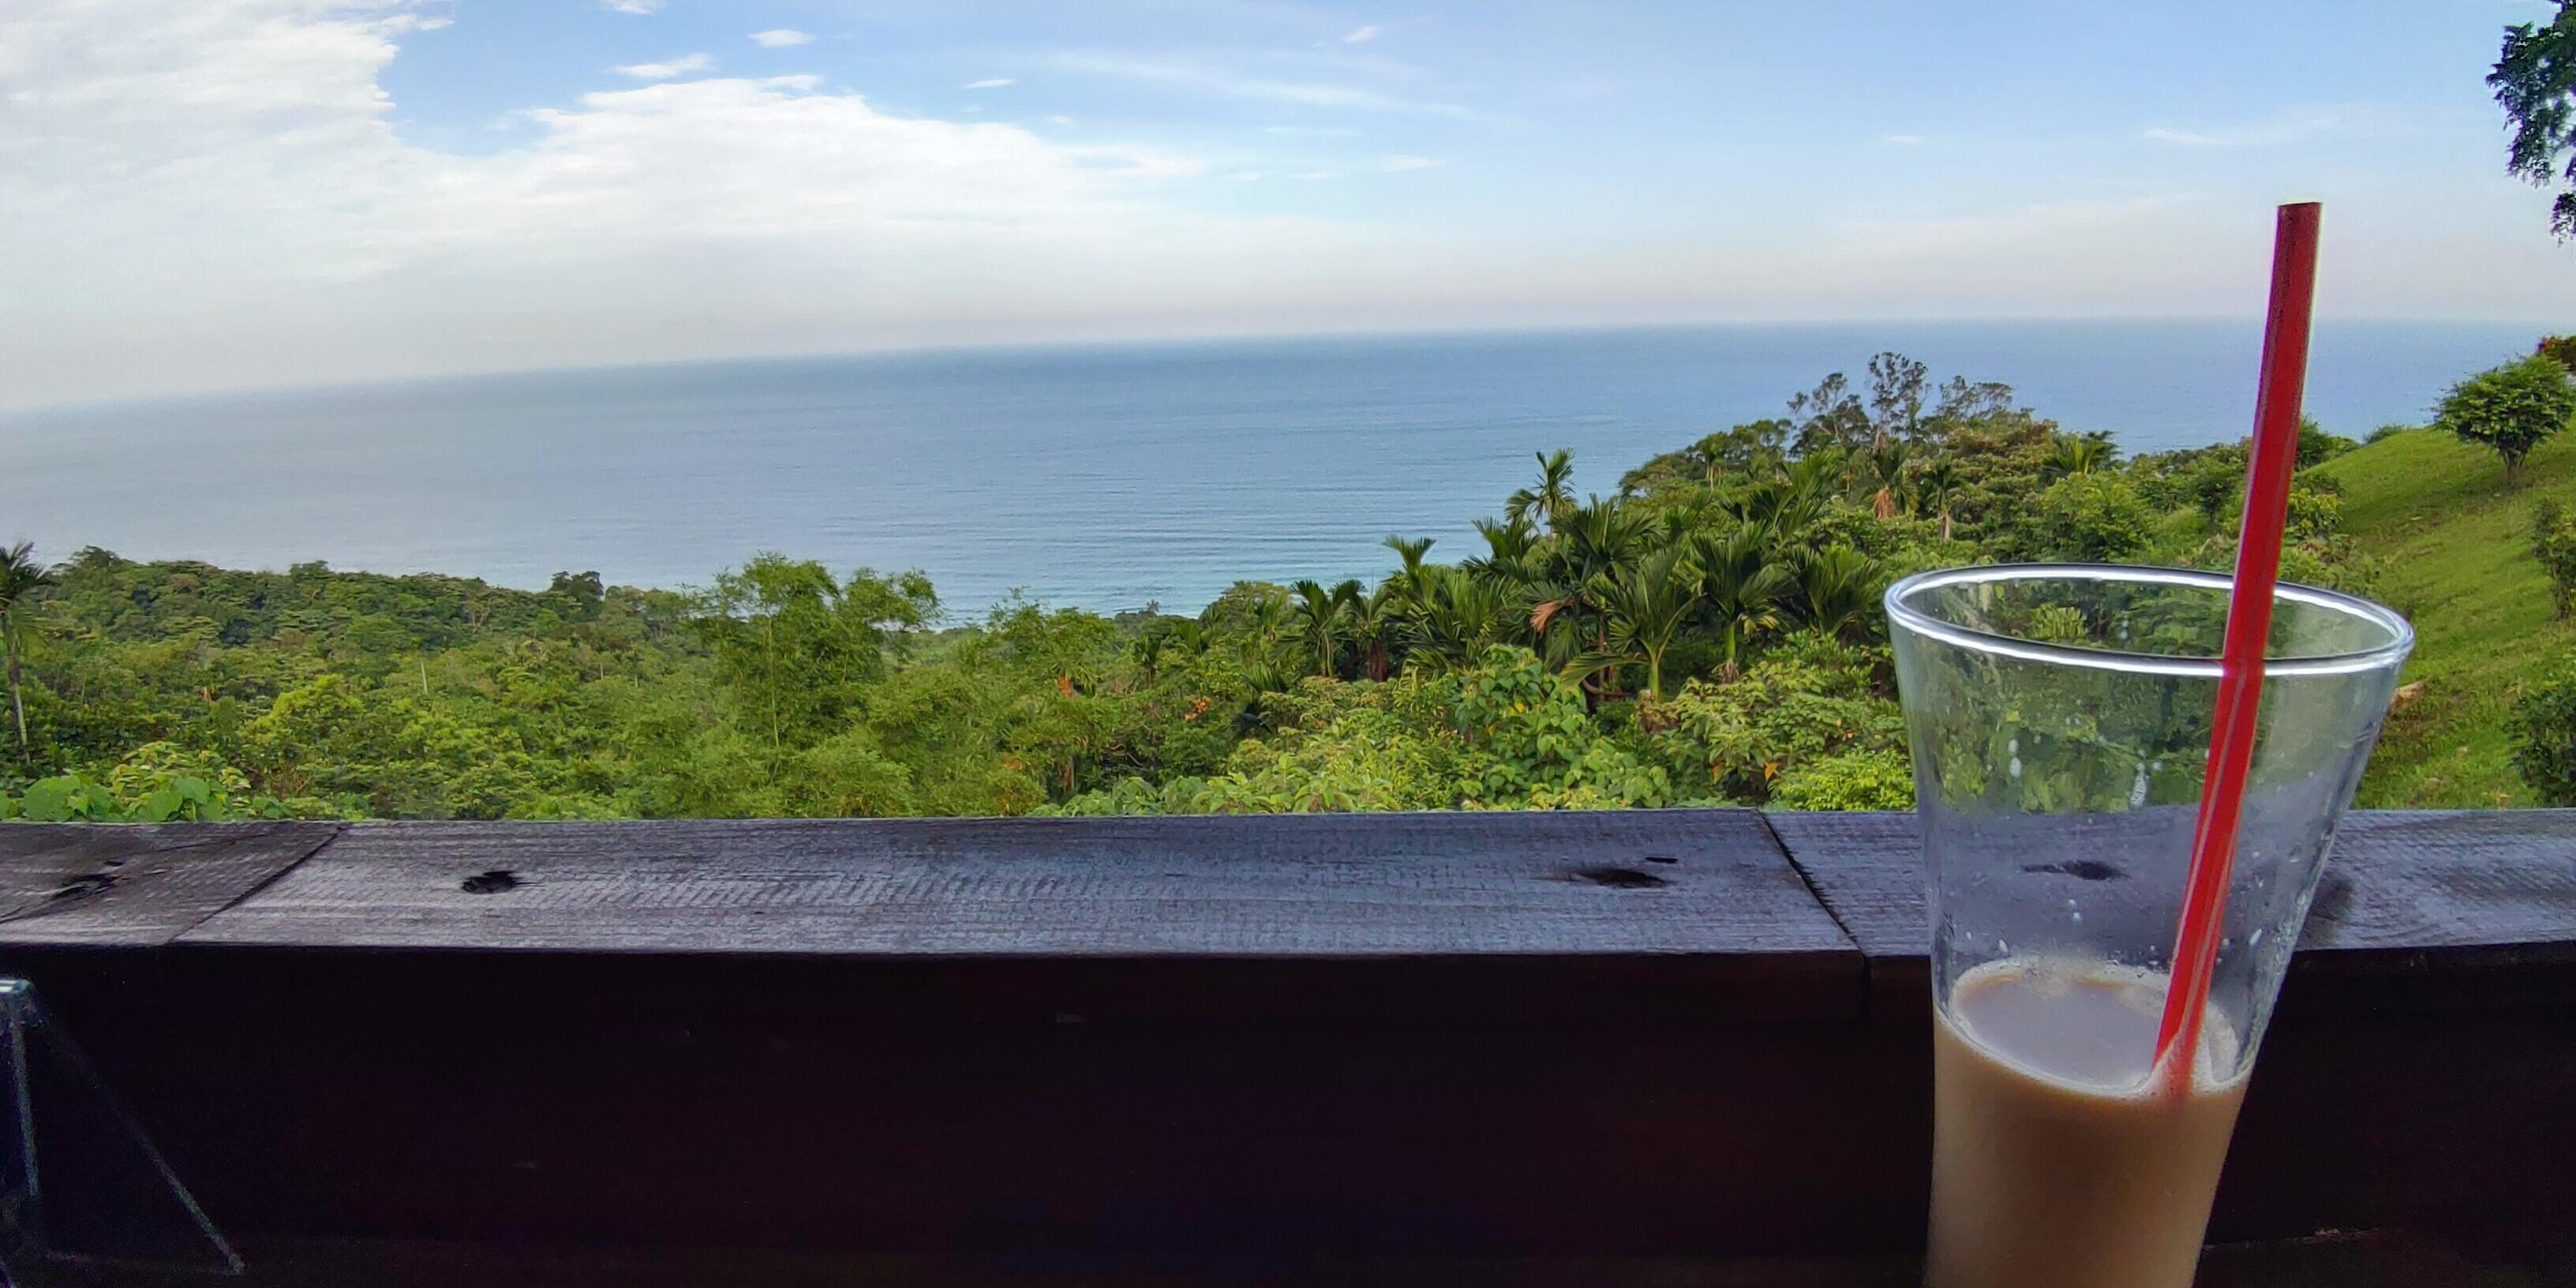 【台東長濱】星龍花園–絕美的山海景色與悠然咖啡的午後時光